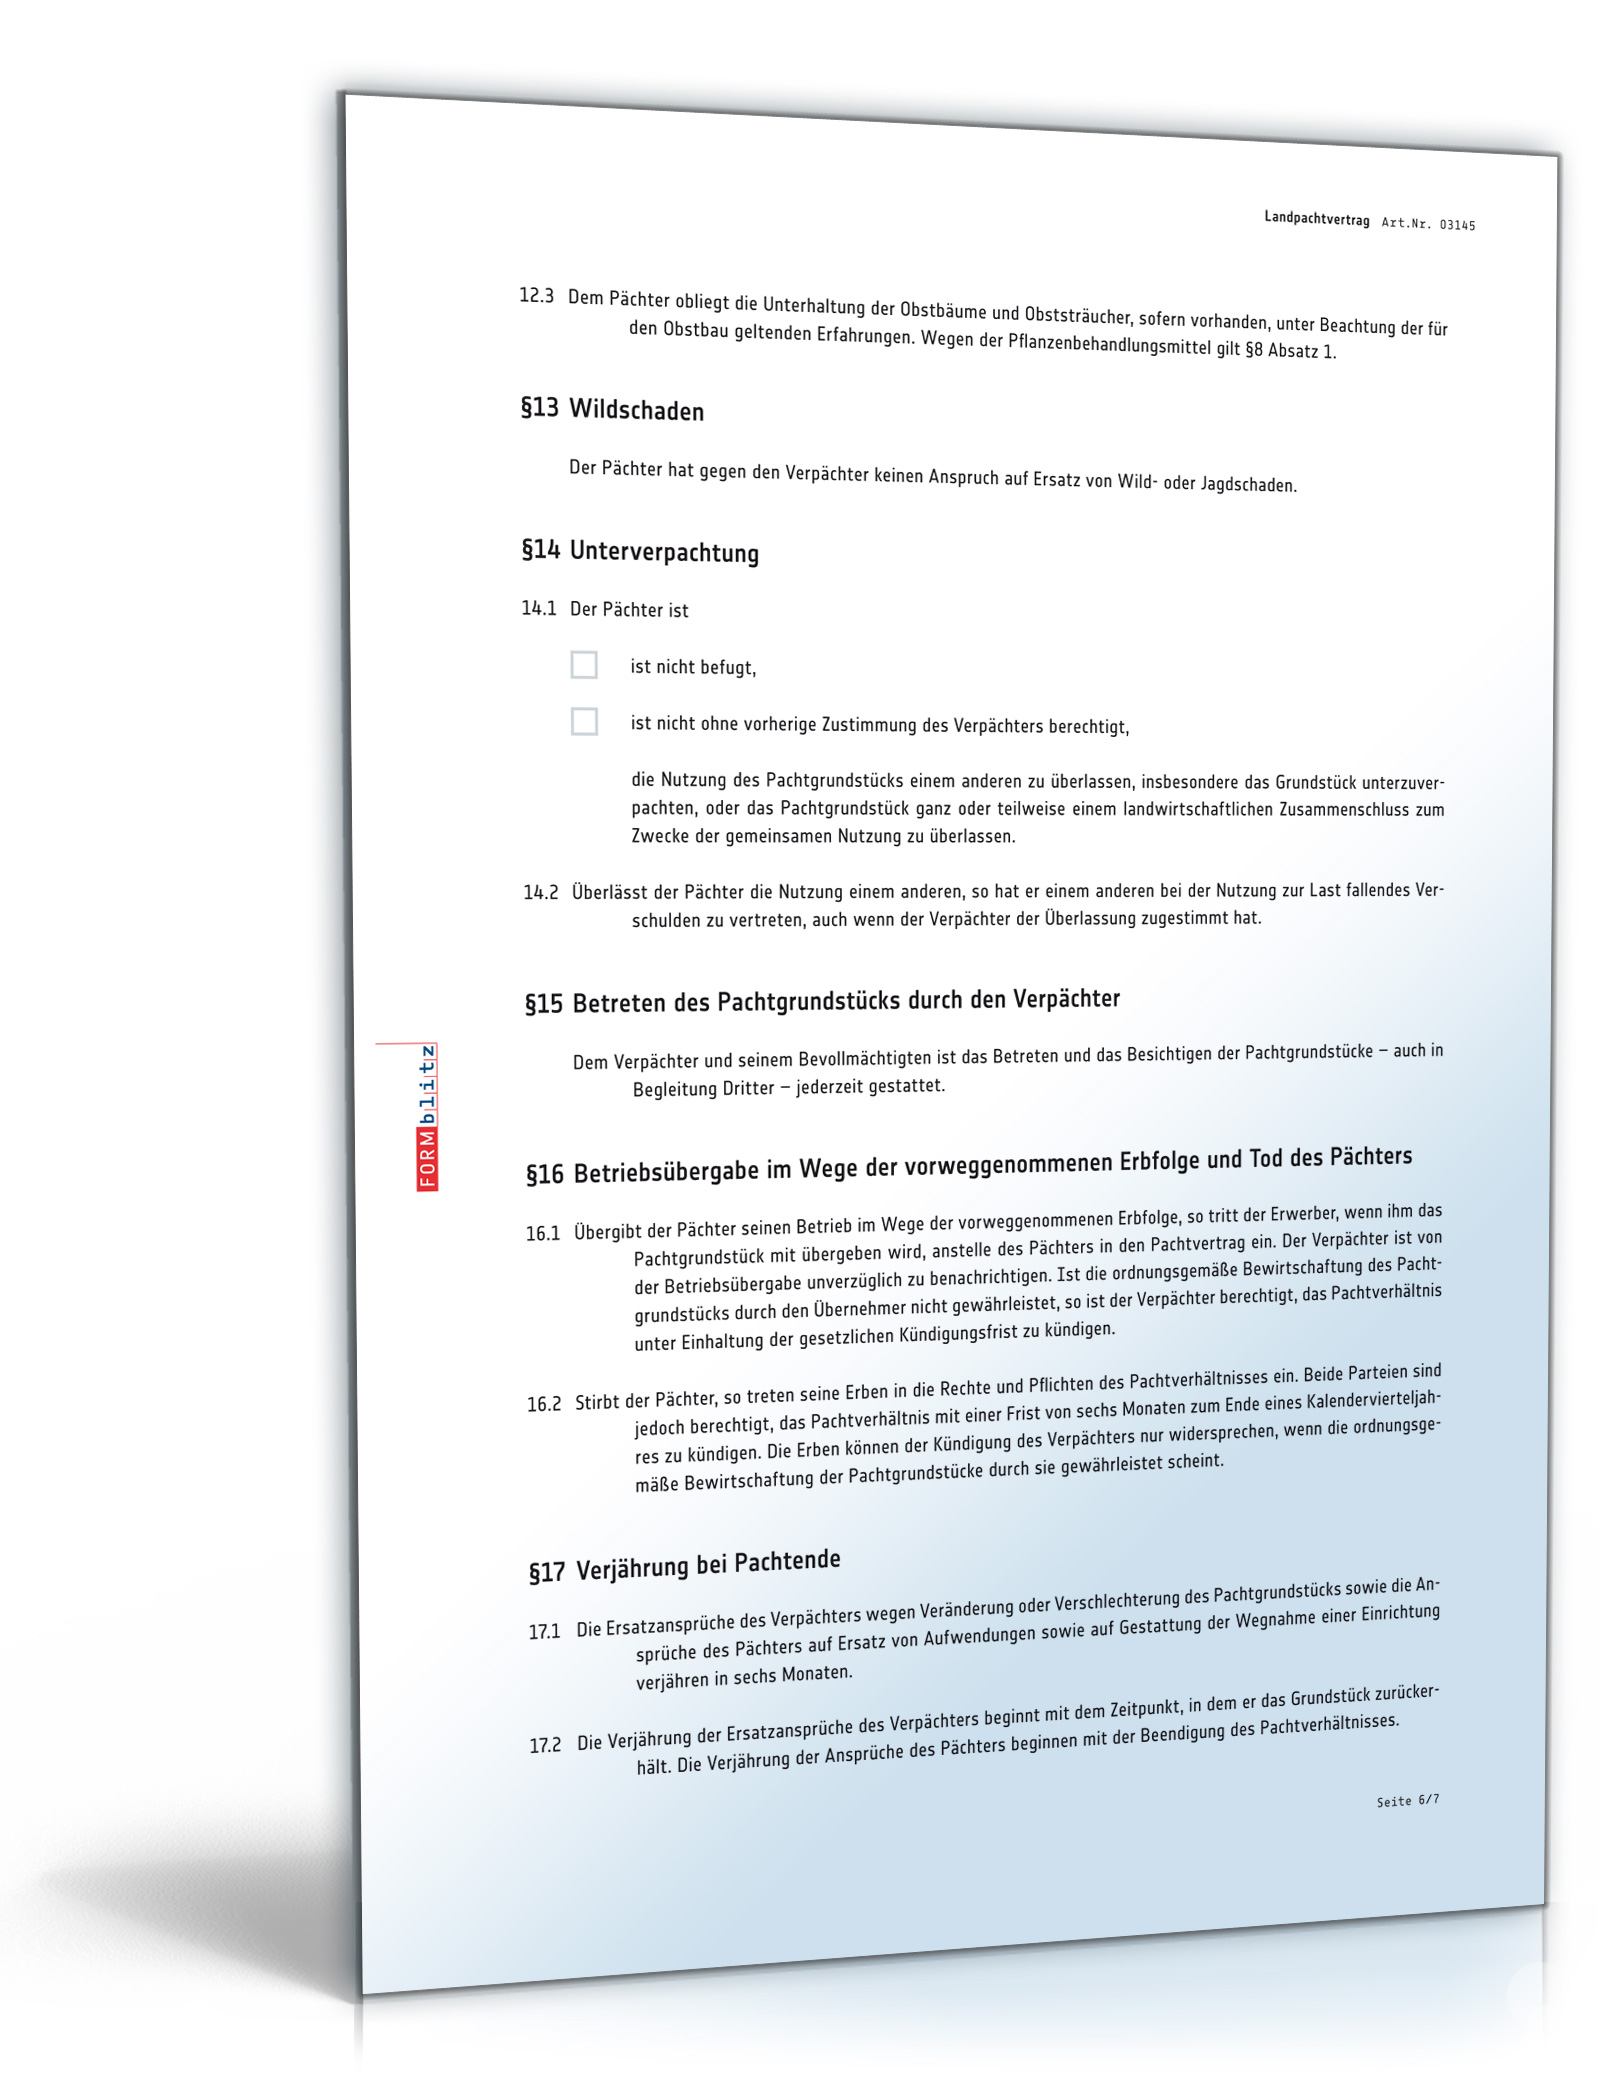 landpachtvertrag pachtvertrag fr landwirtschaftliche nutzflchen doc download amazonde software - Pachtvertrag Garten Muster